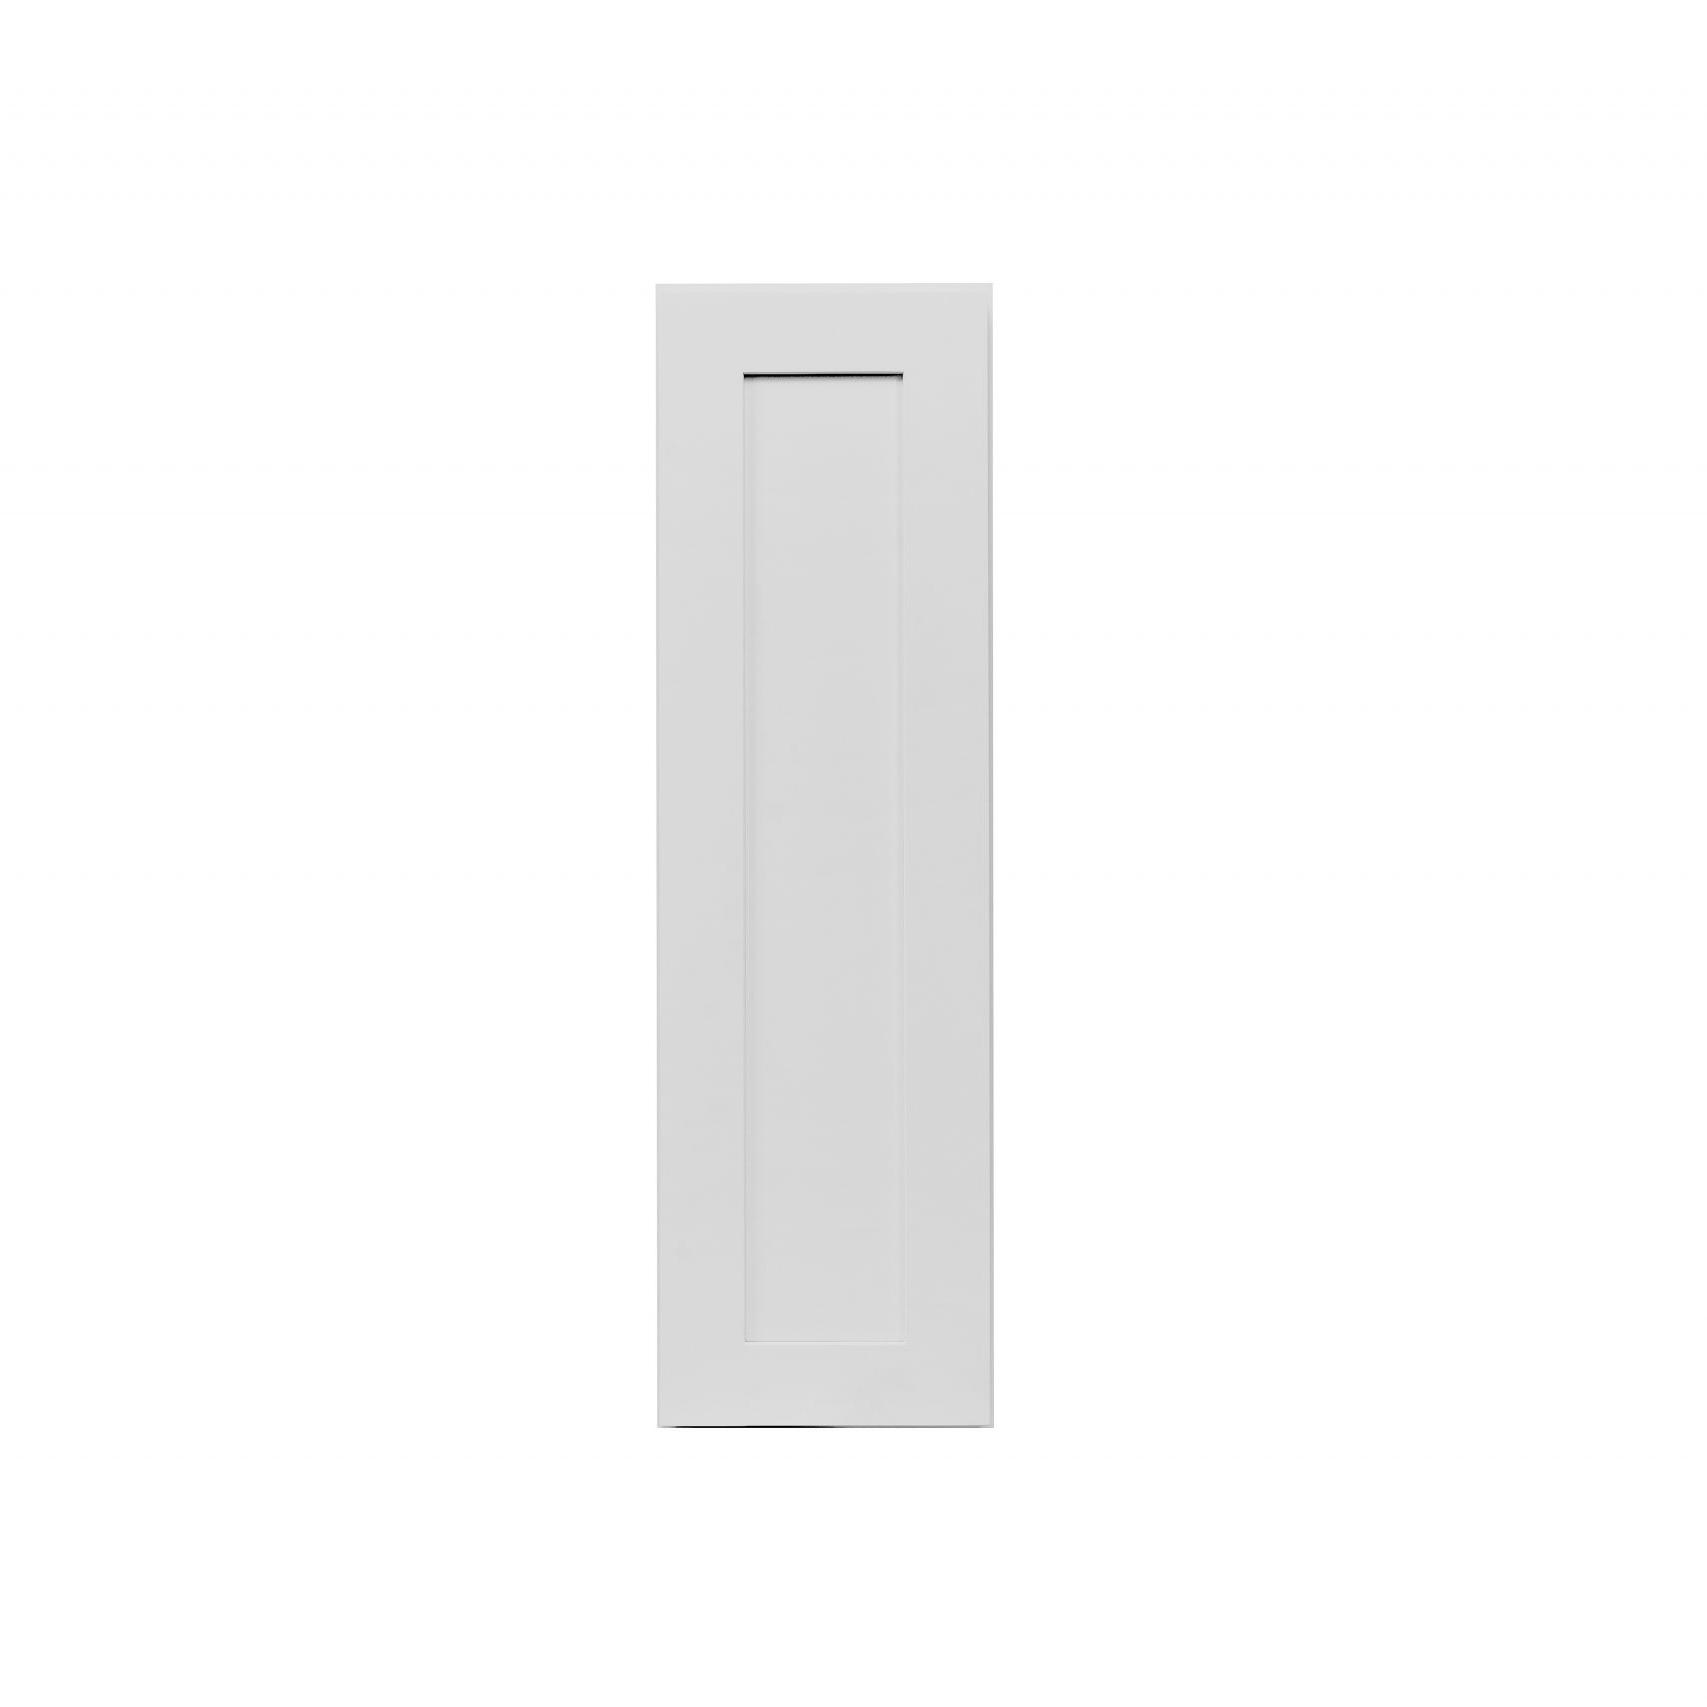 White Shaker Cabinetry Gray, W12, W15, W18, W21